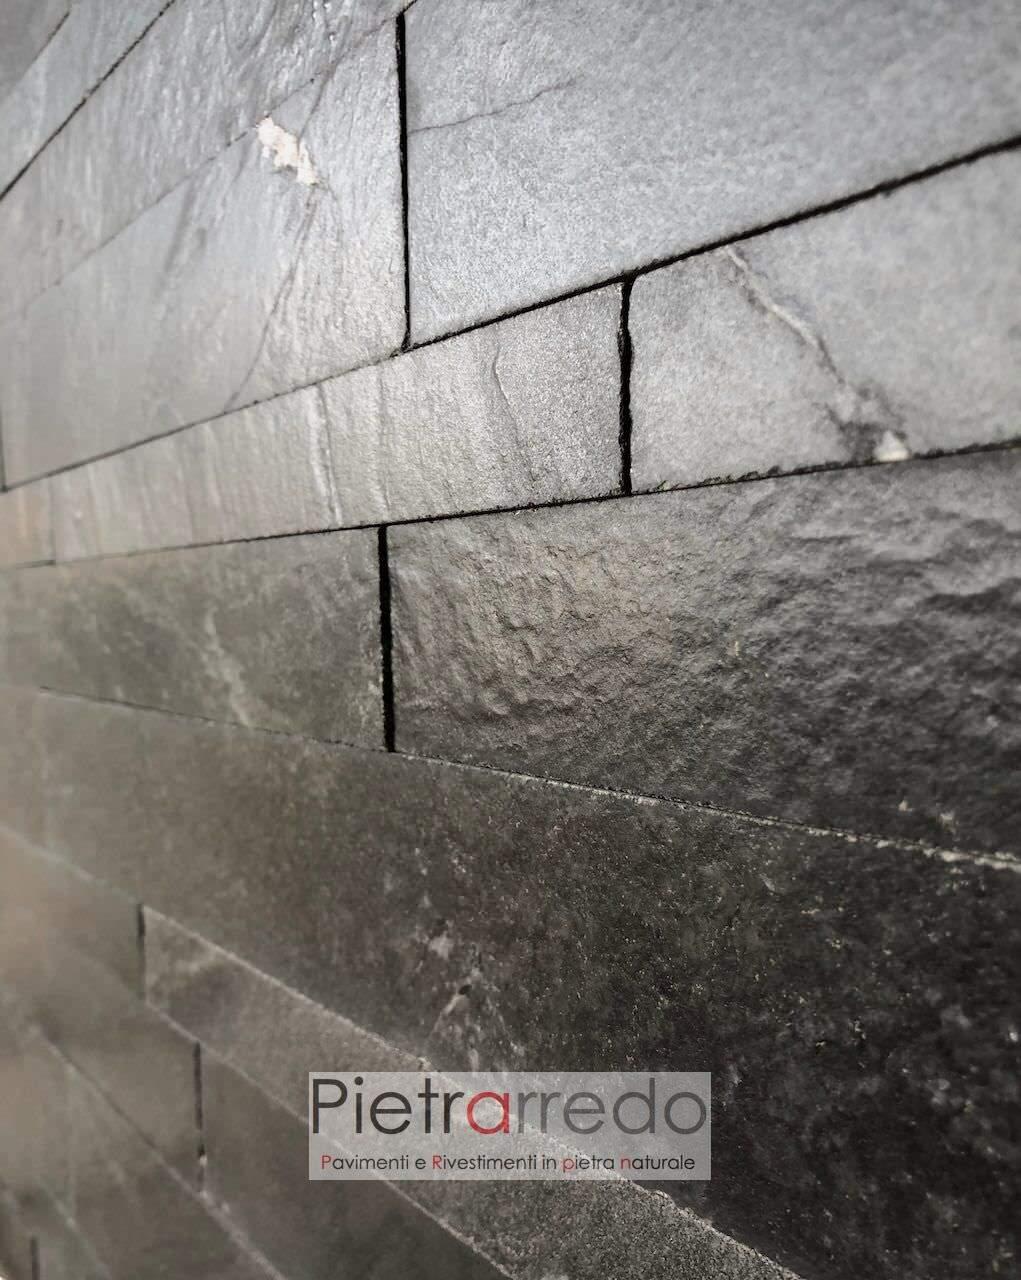 muretti in petra a listelli singoli colore nero nera quarzite lucida impermeabile sasso pietrarredo milano prezzo